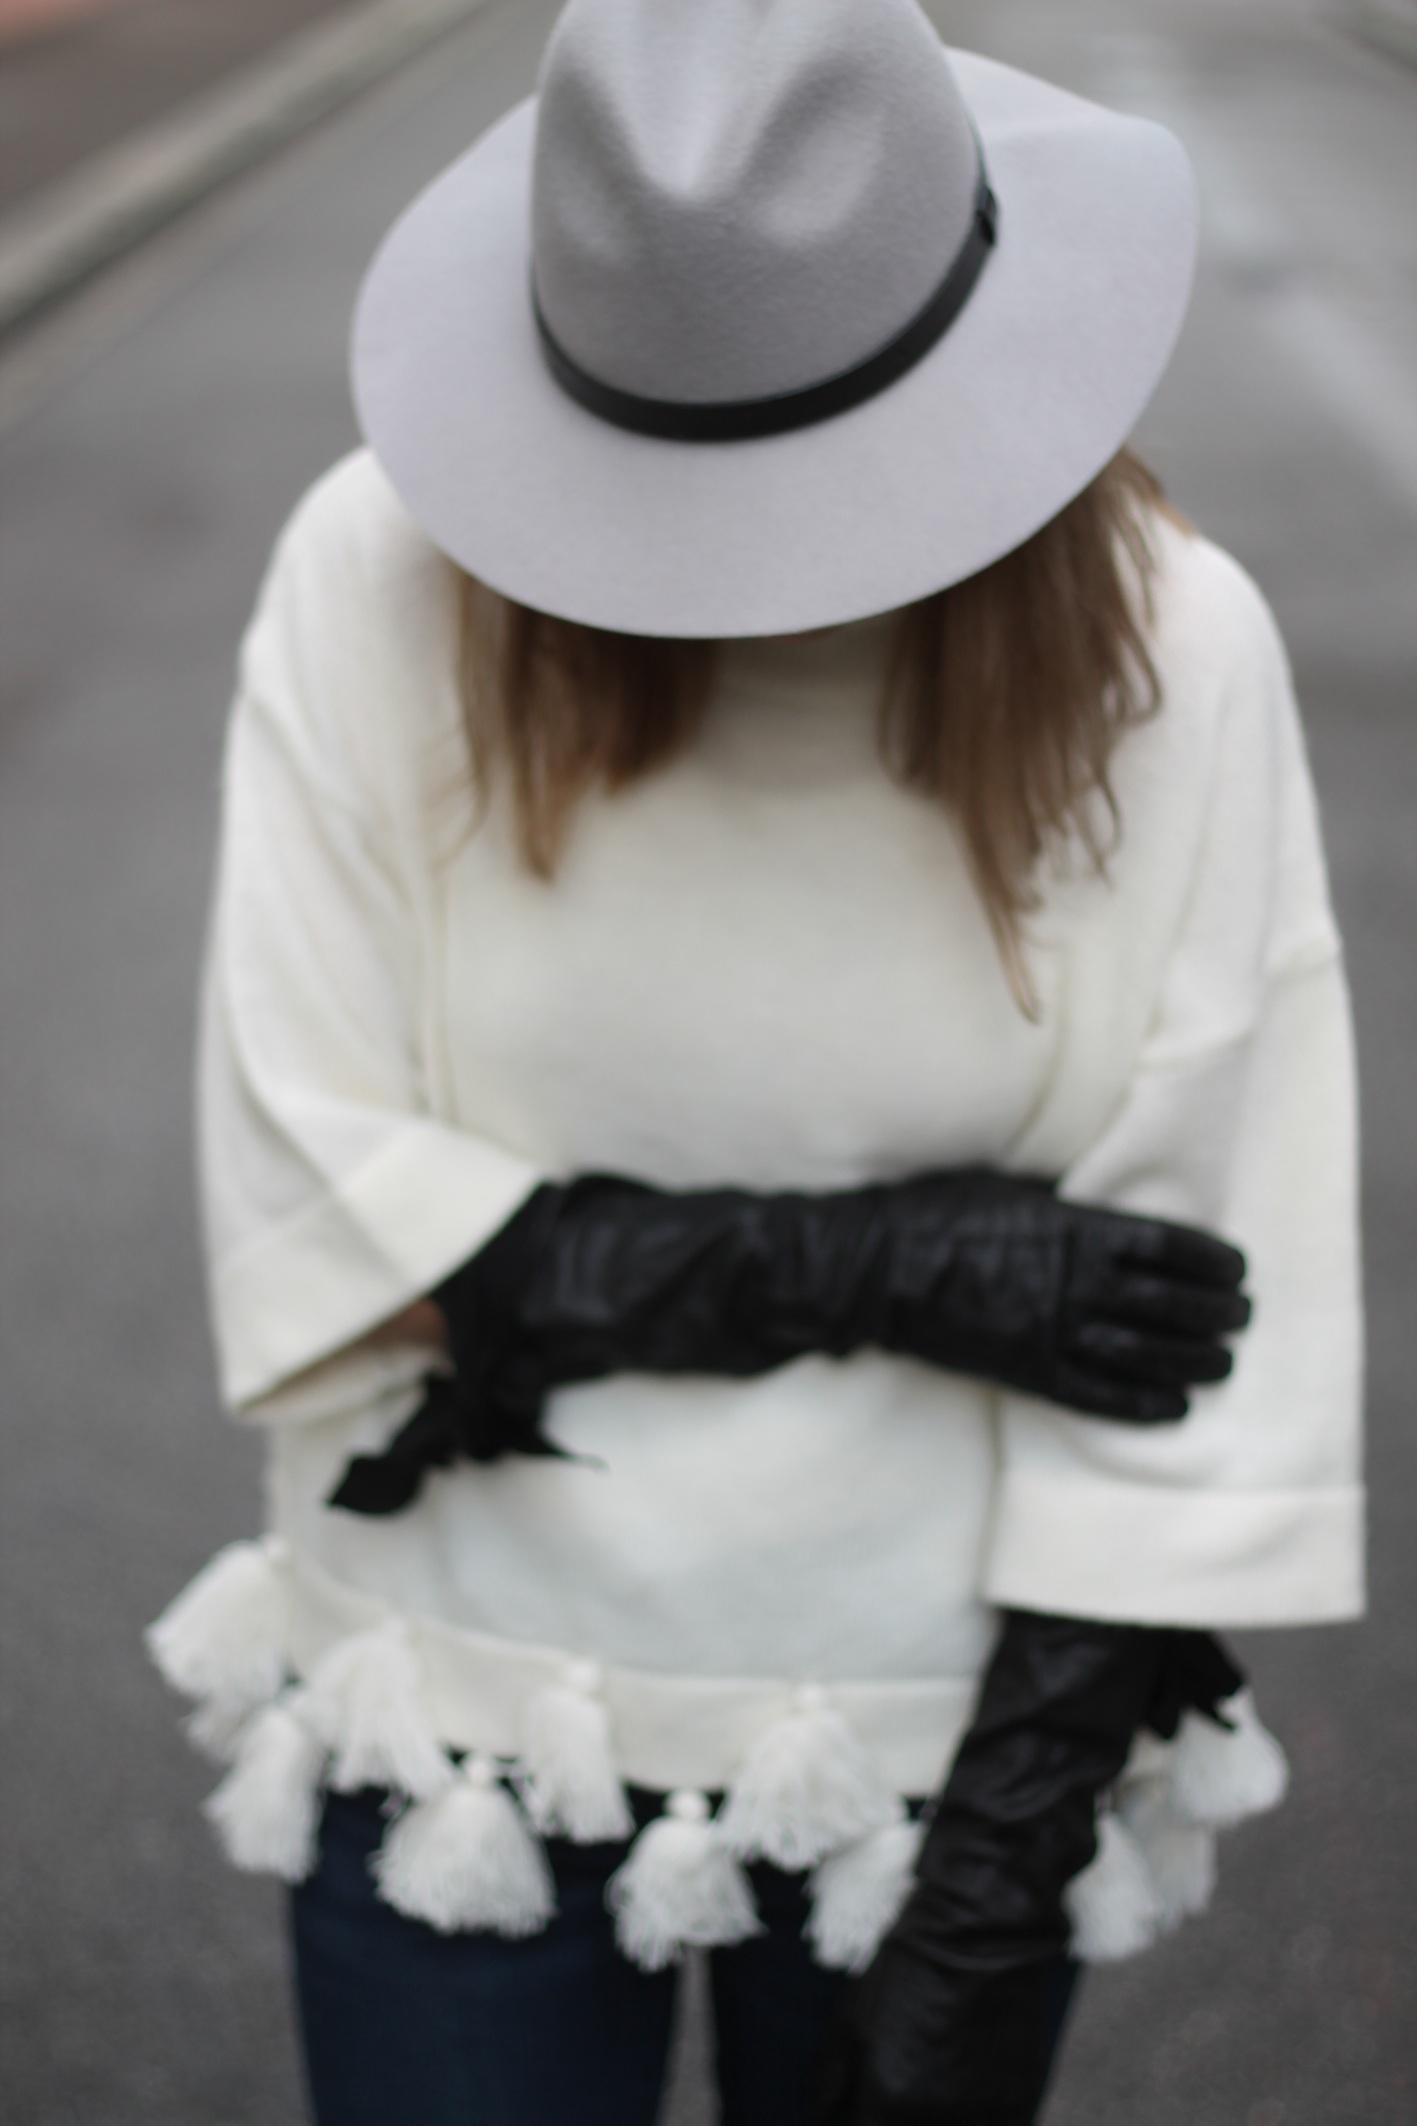 ZALON outfit